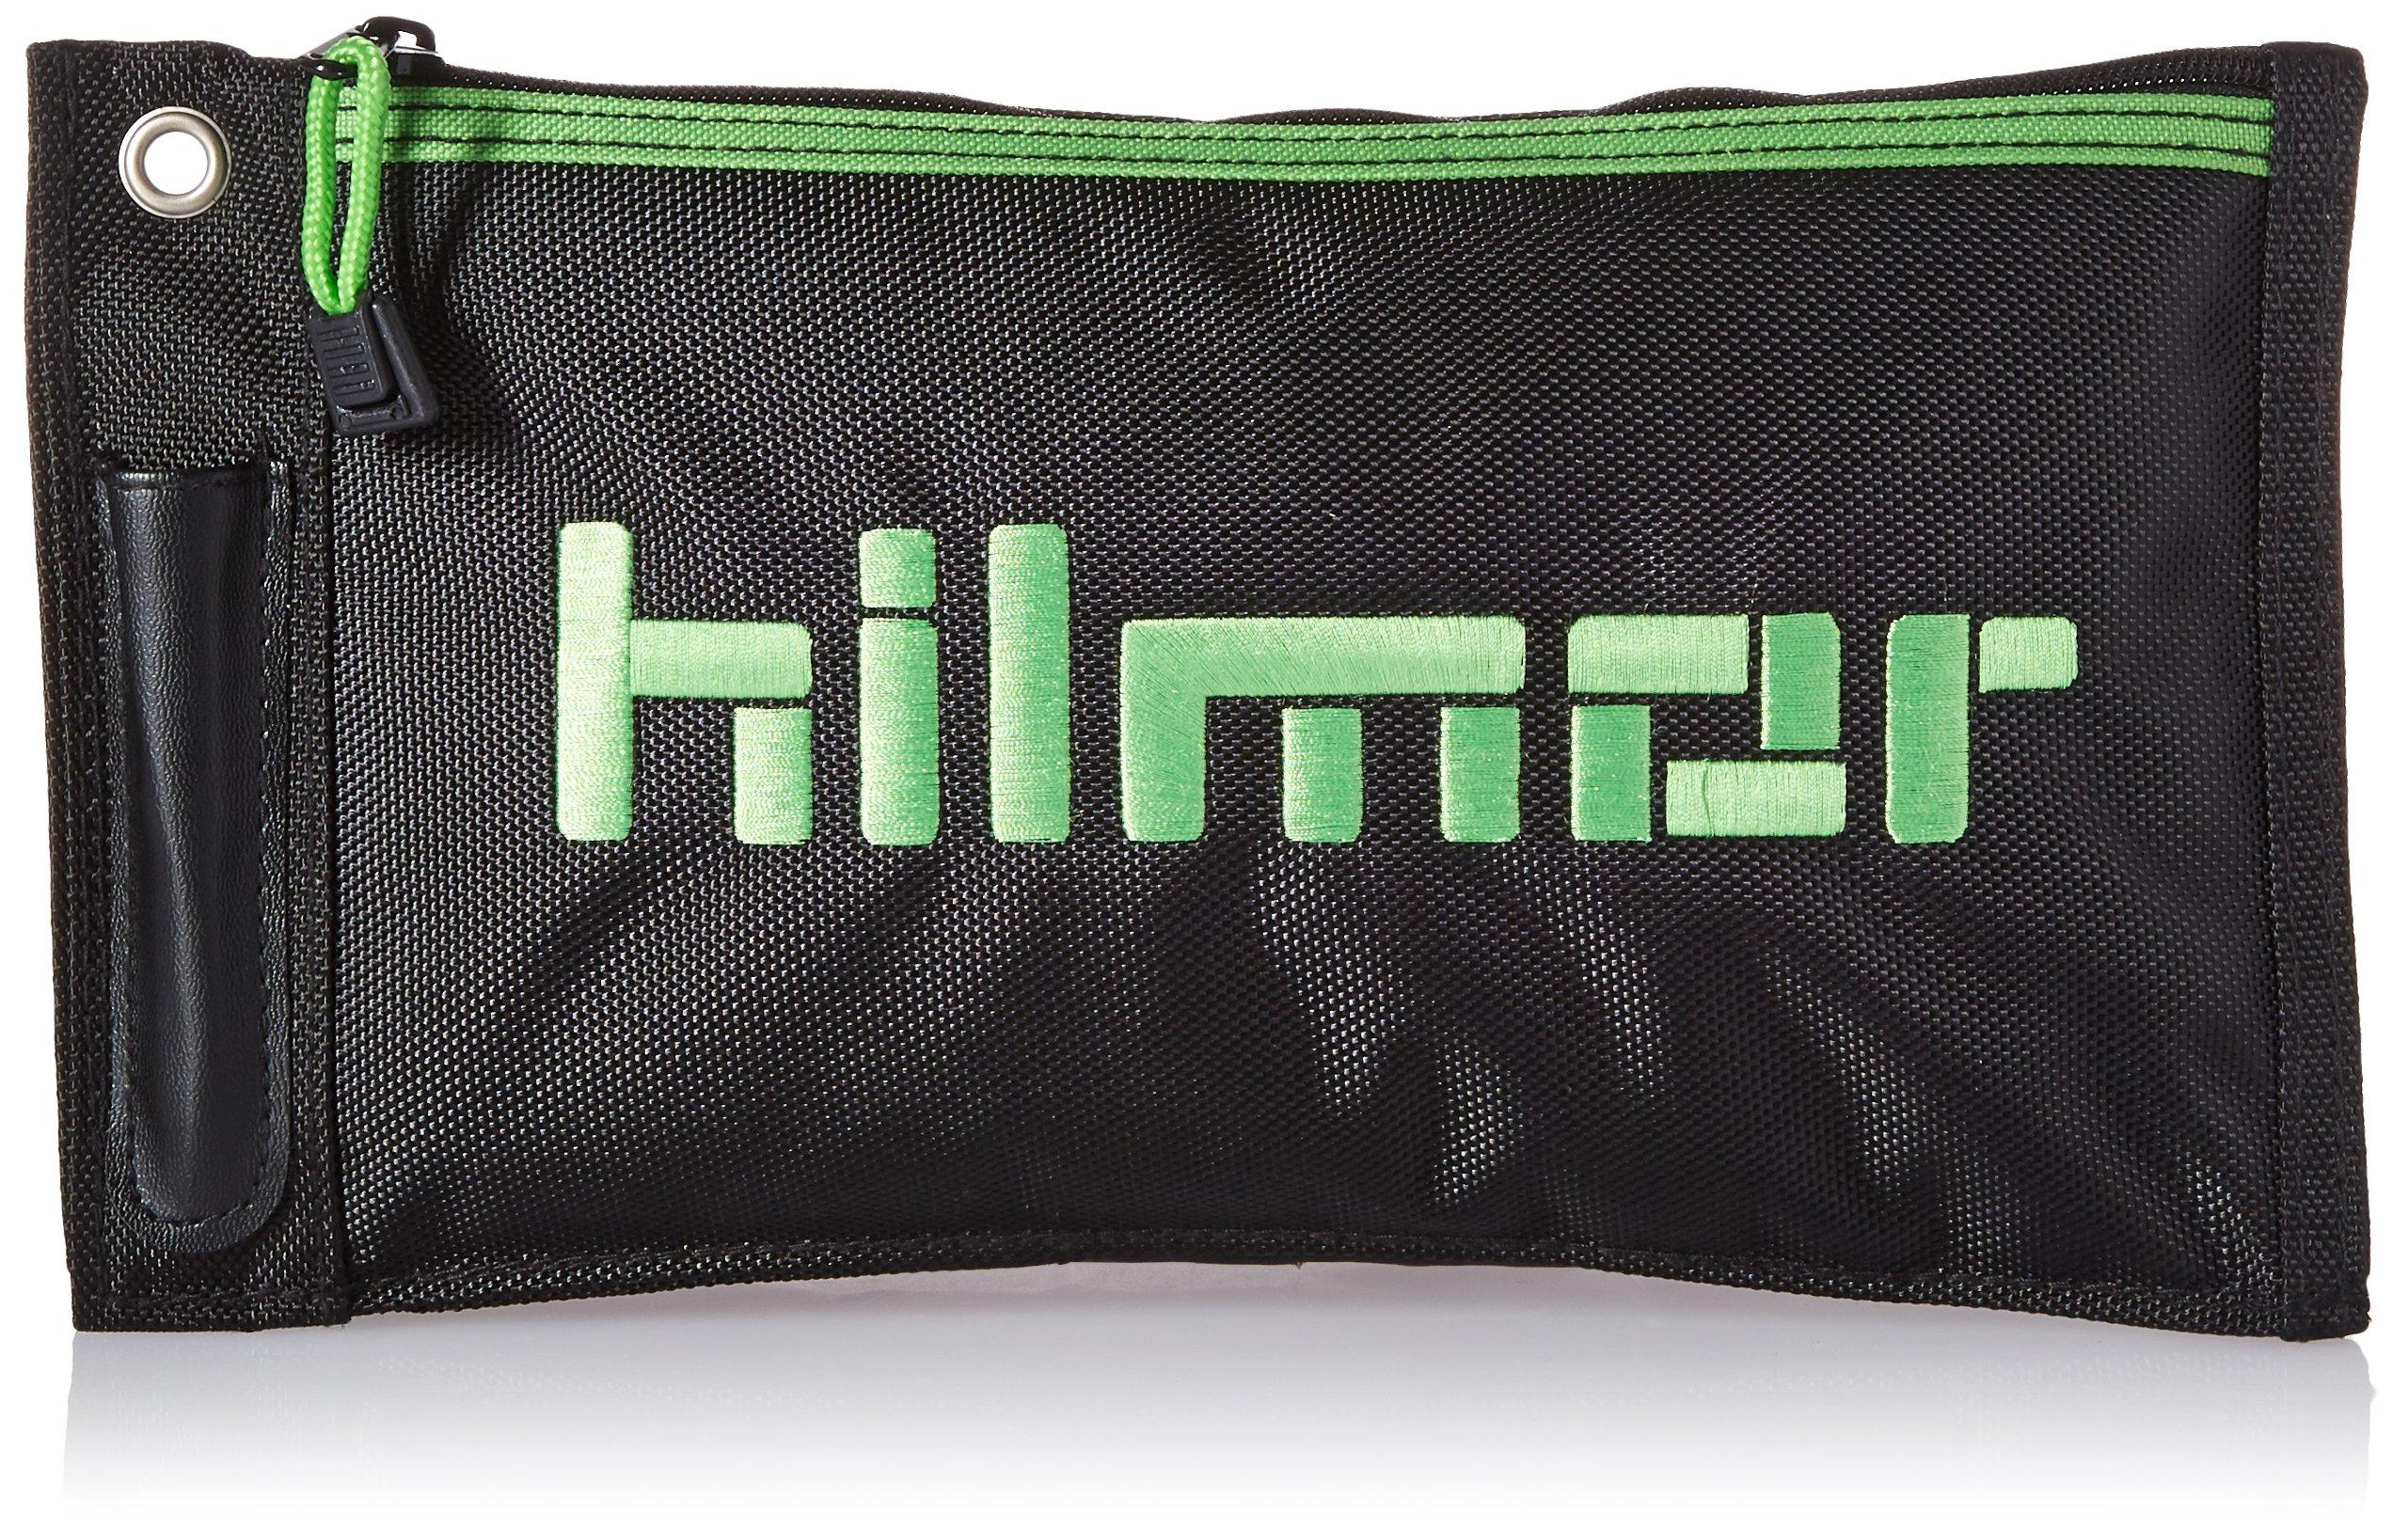 Pack of 4 hilmor 1839031 SB Spring Bender 1//4 to 5//8